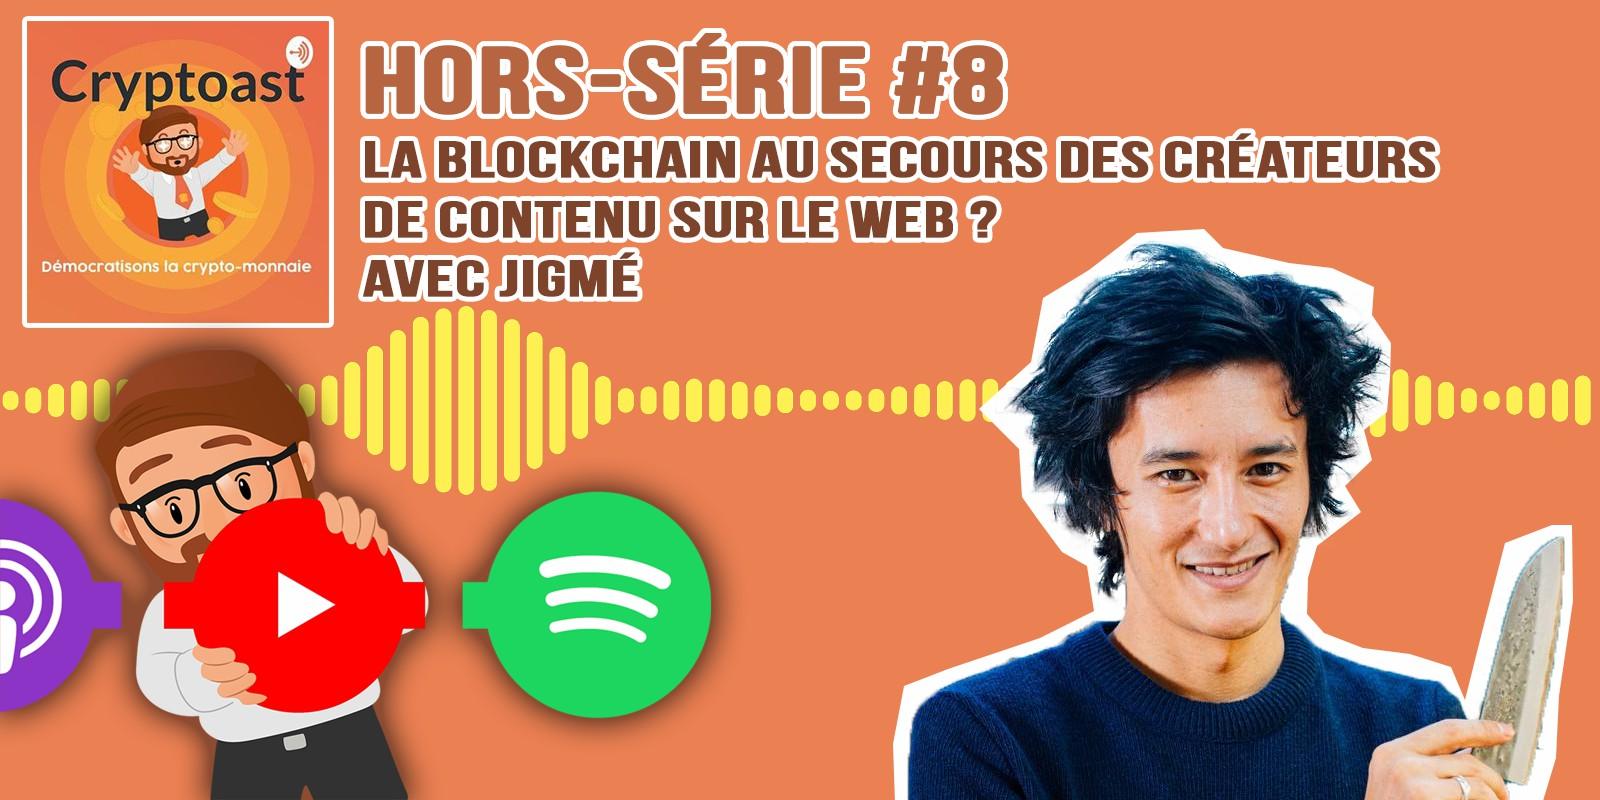 Podcast hors-série #8 - La blockchain au secours des créateurs de contenu sur le web, avec Jigmé